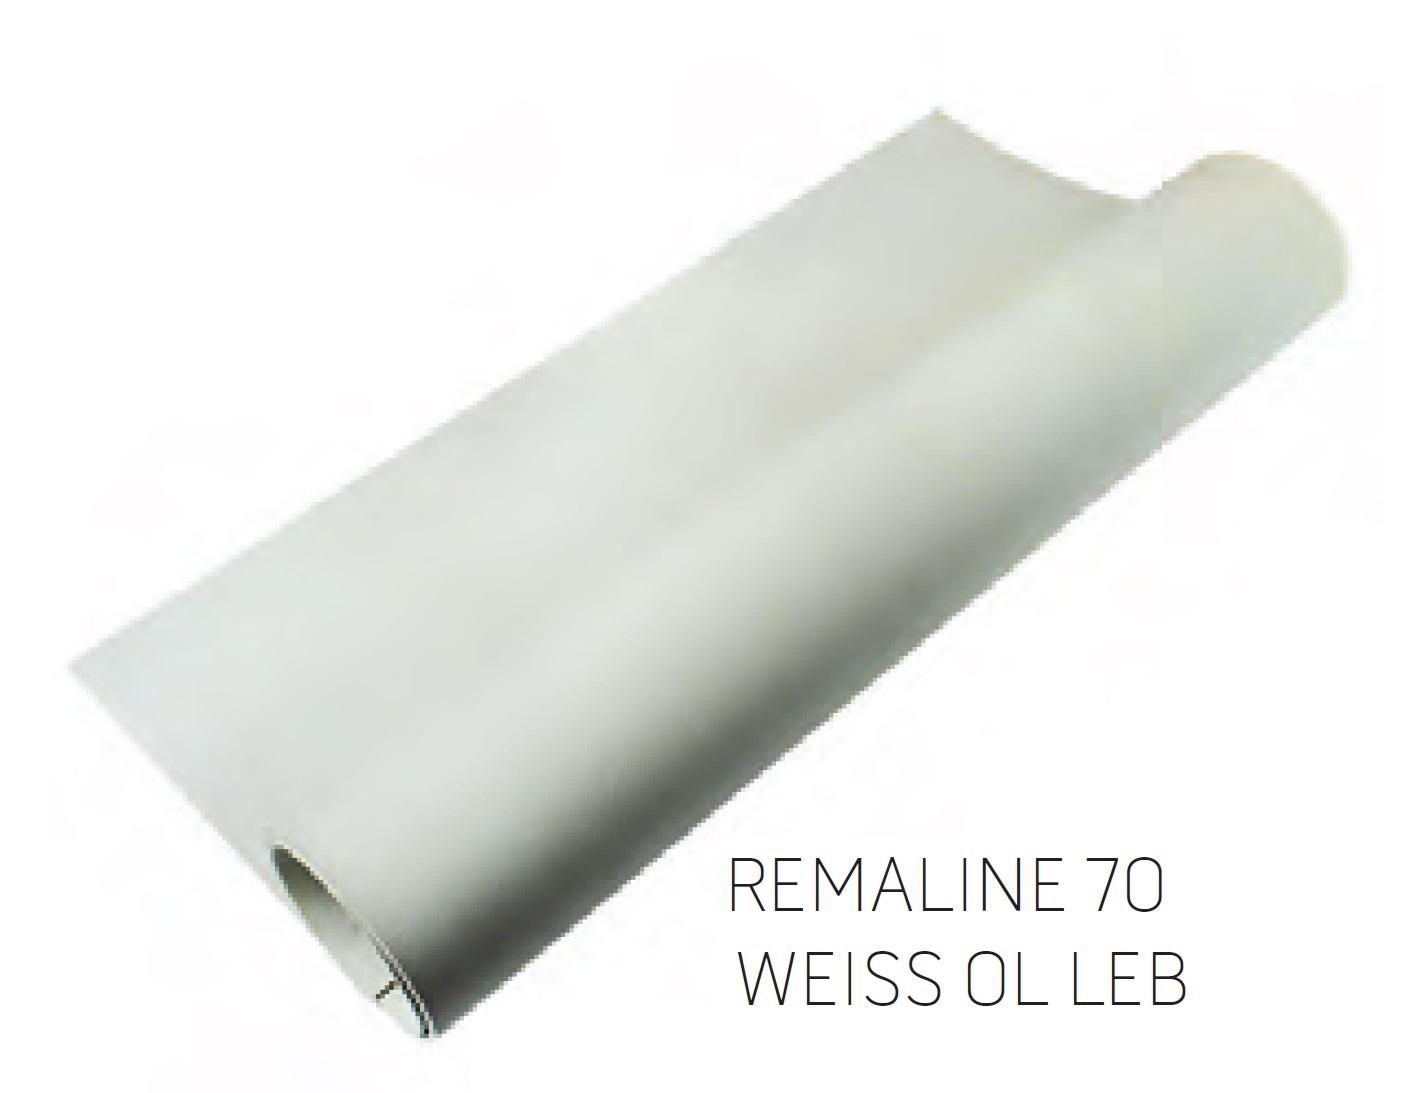 рем 70 ол бел